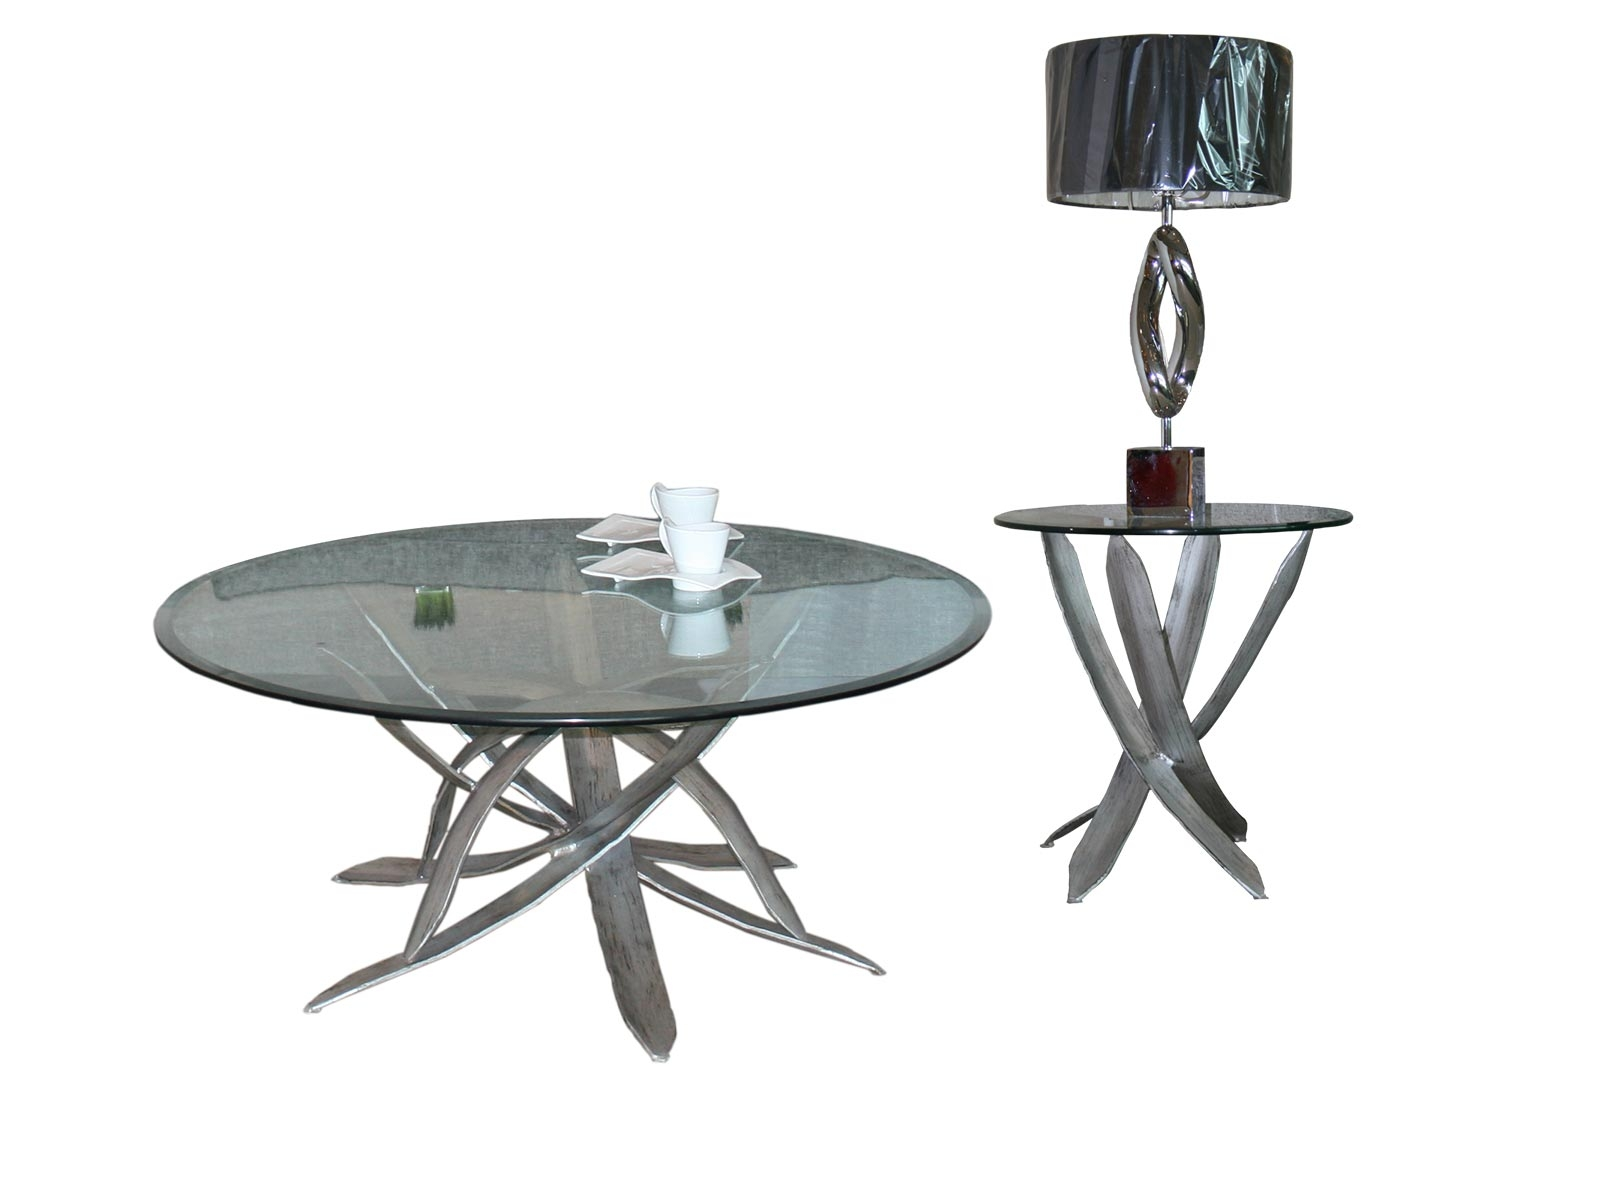 Mesa de sala rua centro y lateral para cristal redondo for Cristal redondo para mesa